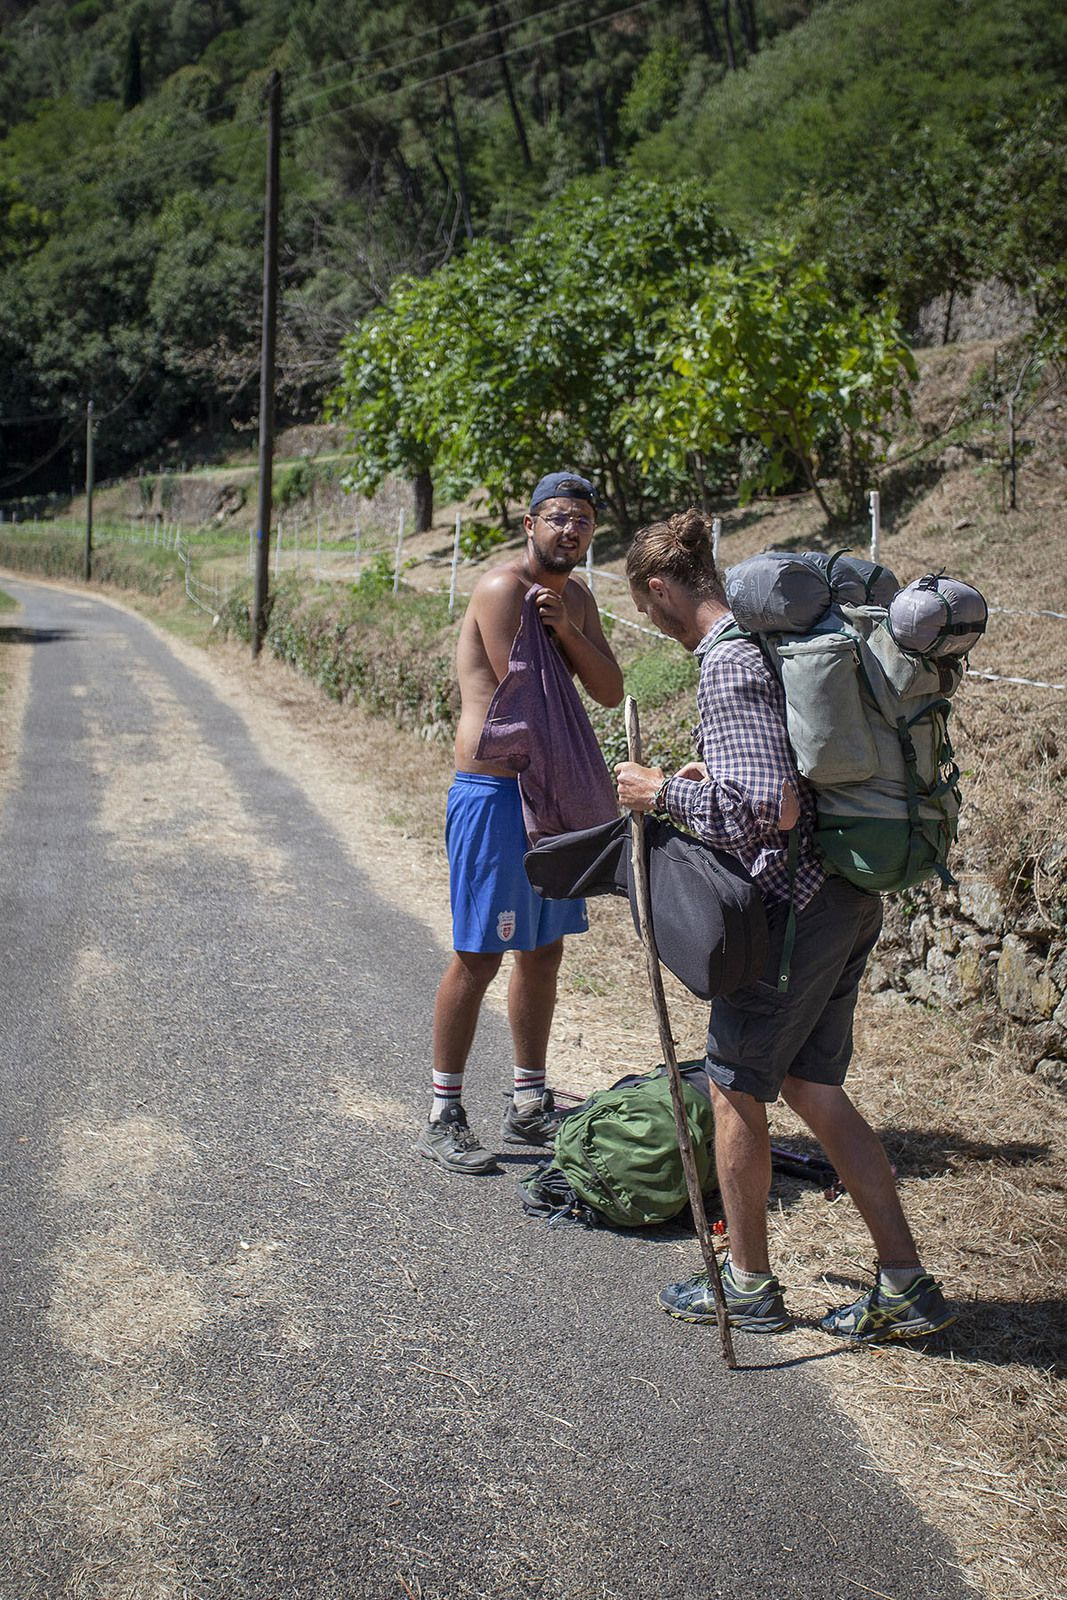 Magie de l'itinérance. Je retrouve Greg et Tanguy avant d'arriver à St Jean du Gard. Nous avions passé une belle soirée au début du parcours à l'Herm sans nous revoir après. Ils s'arrêtaient à St Jean. Tanguy veux partir sur le Camino del Norte, chemin de Compostelle, dont je lui avait parlé longuement.